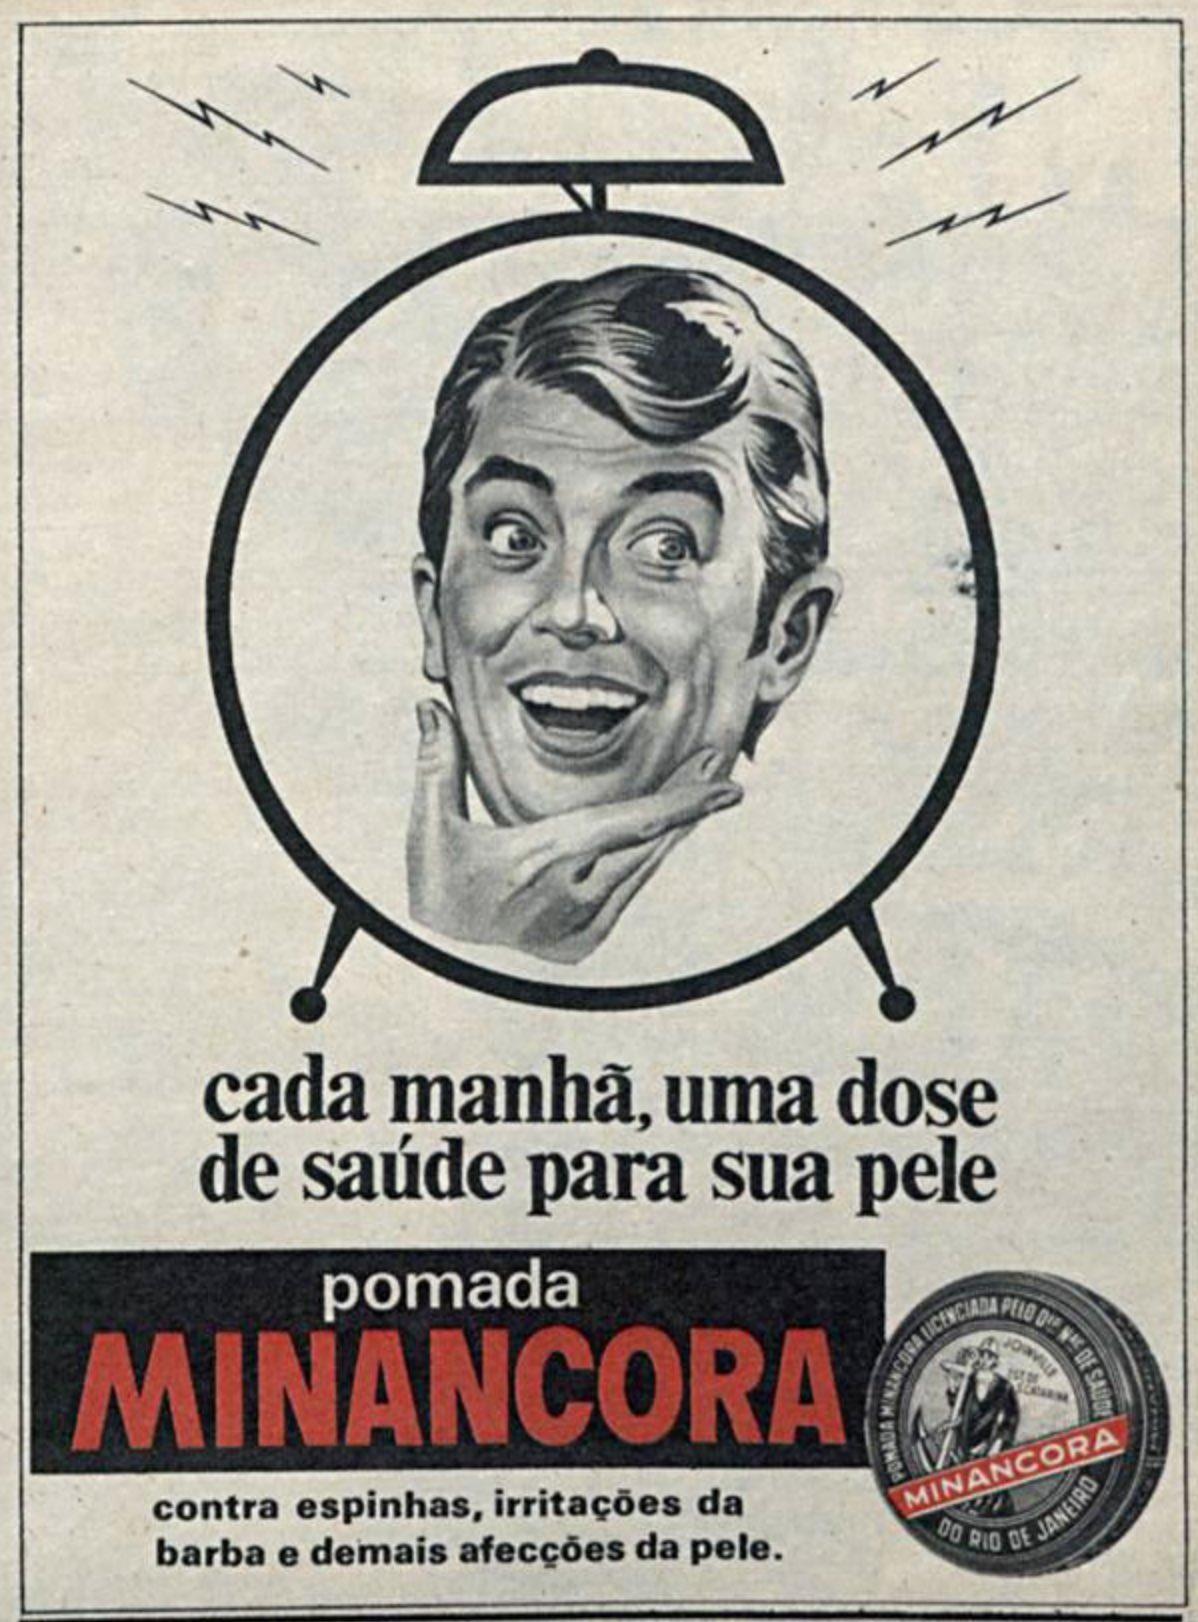 Anúncio antigo da Pomada Minâncora veiculado em 1971